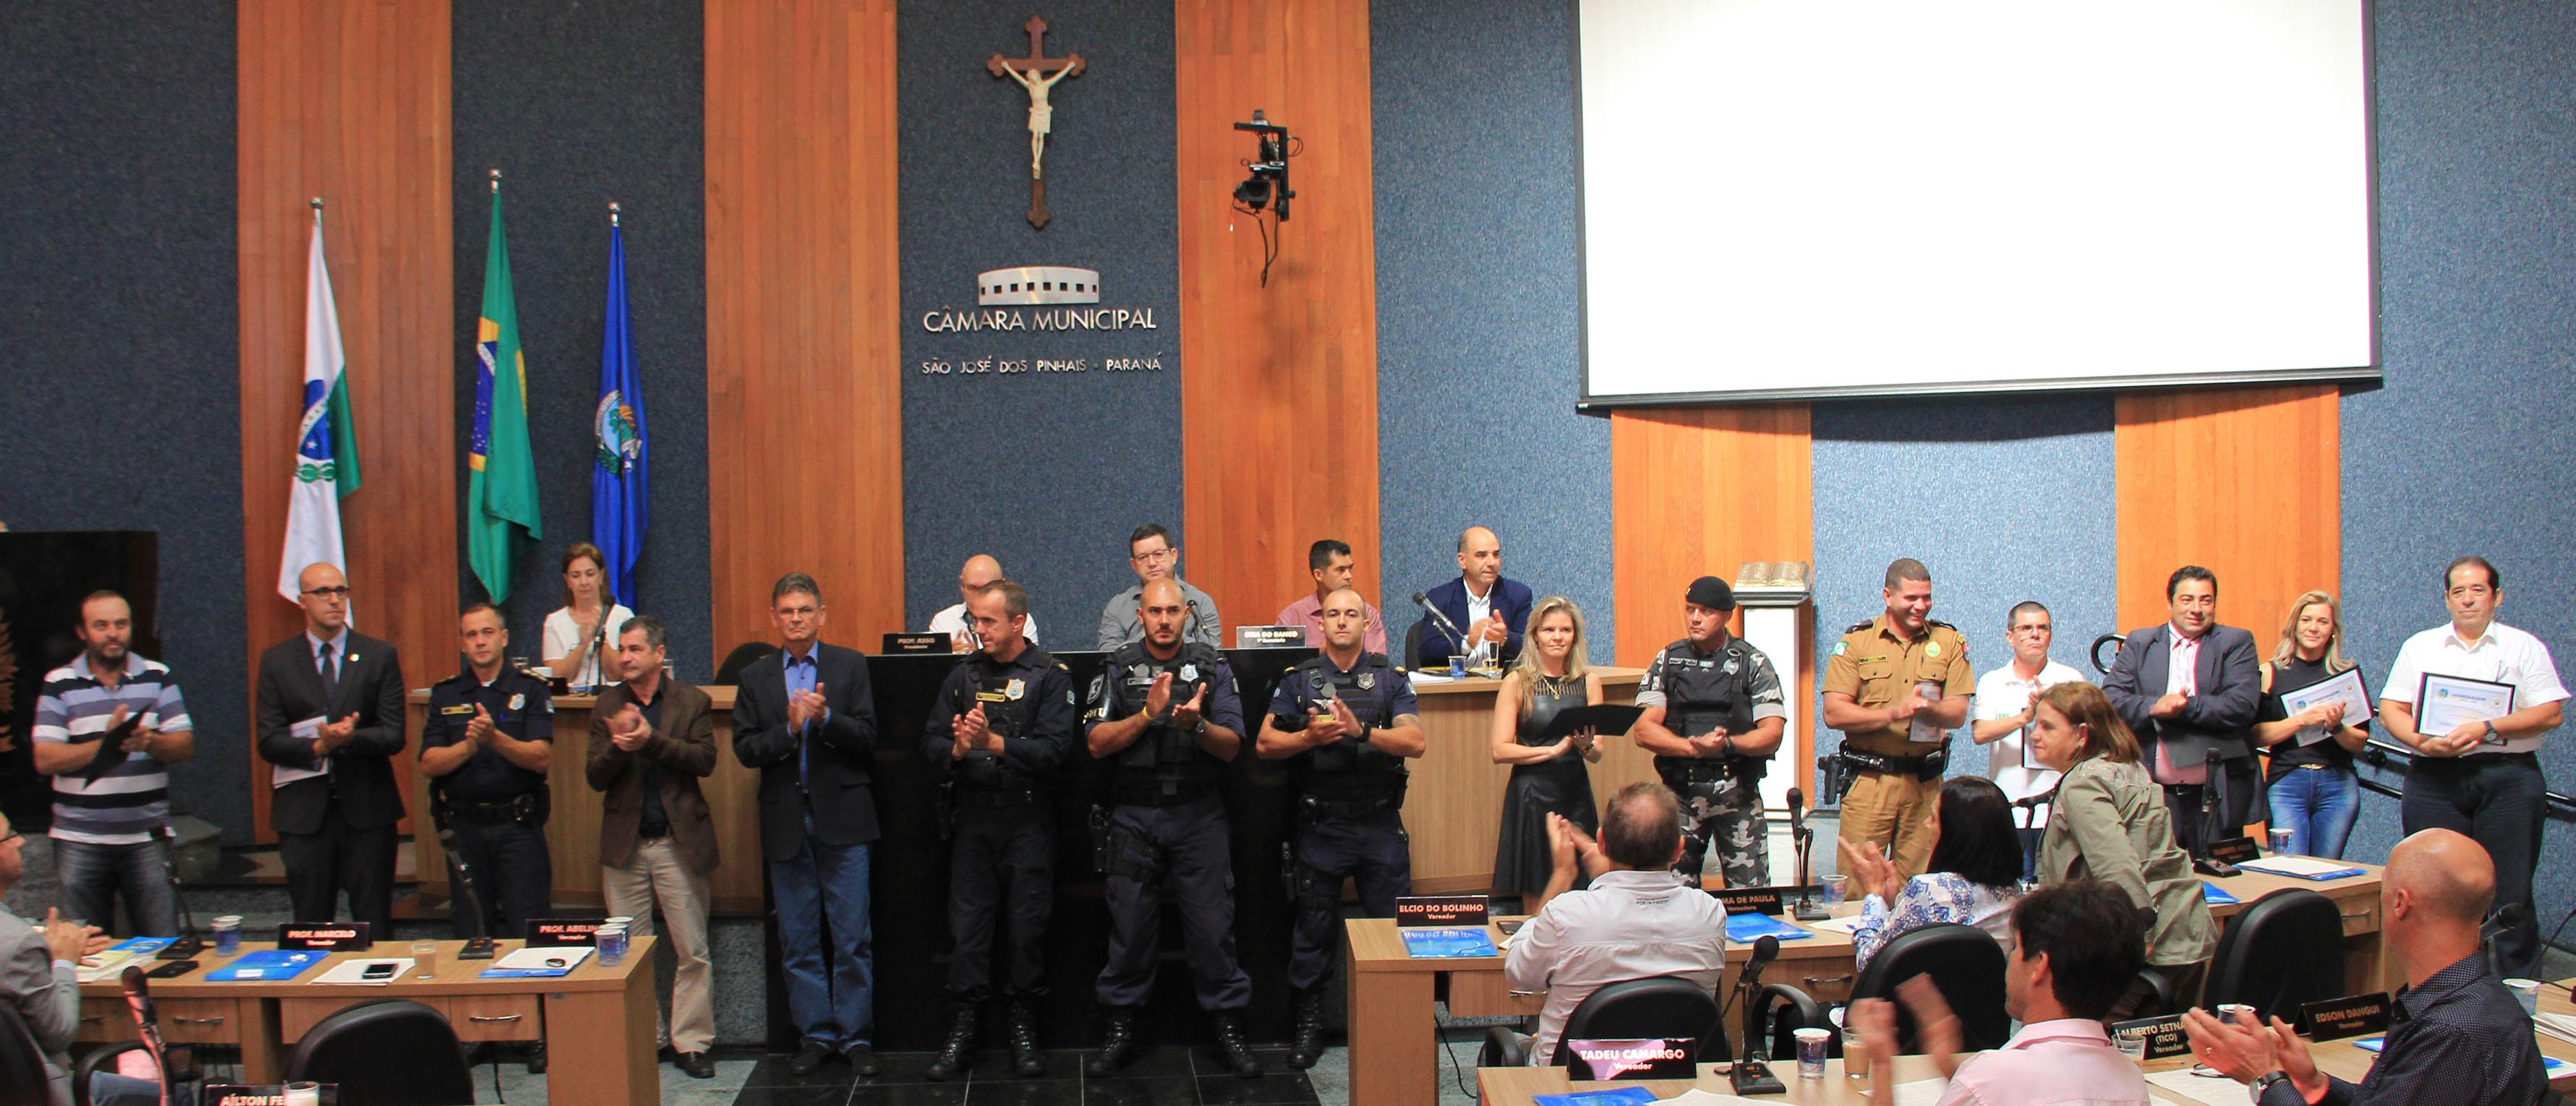 Guarda Municipal celebra seu aniversário com homenagem na Câmara